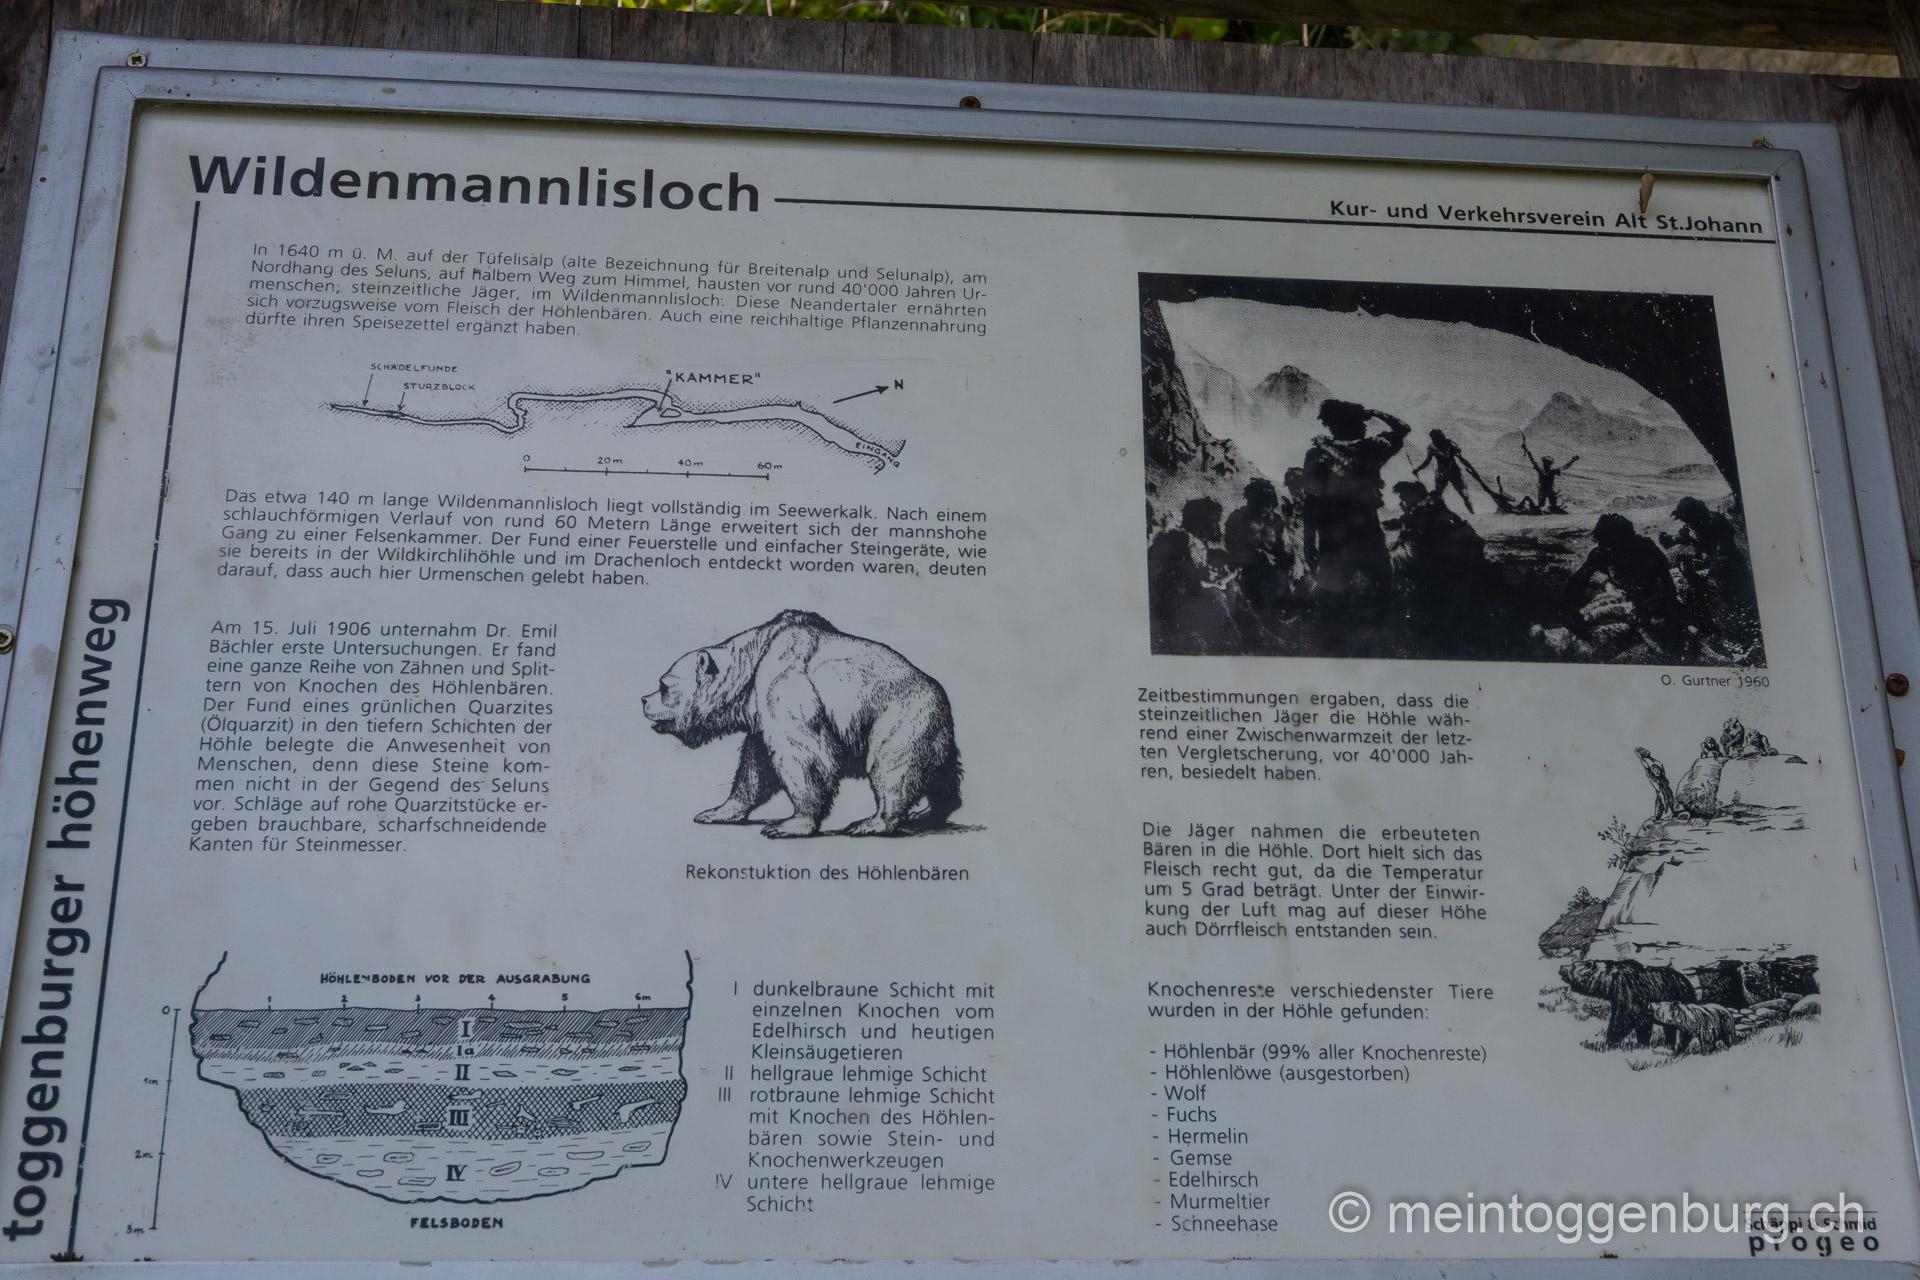 Toggenburger Sagenweg - Infotafel Wildmannlisloch